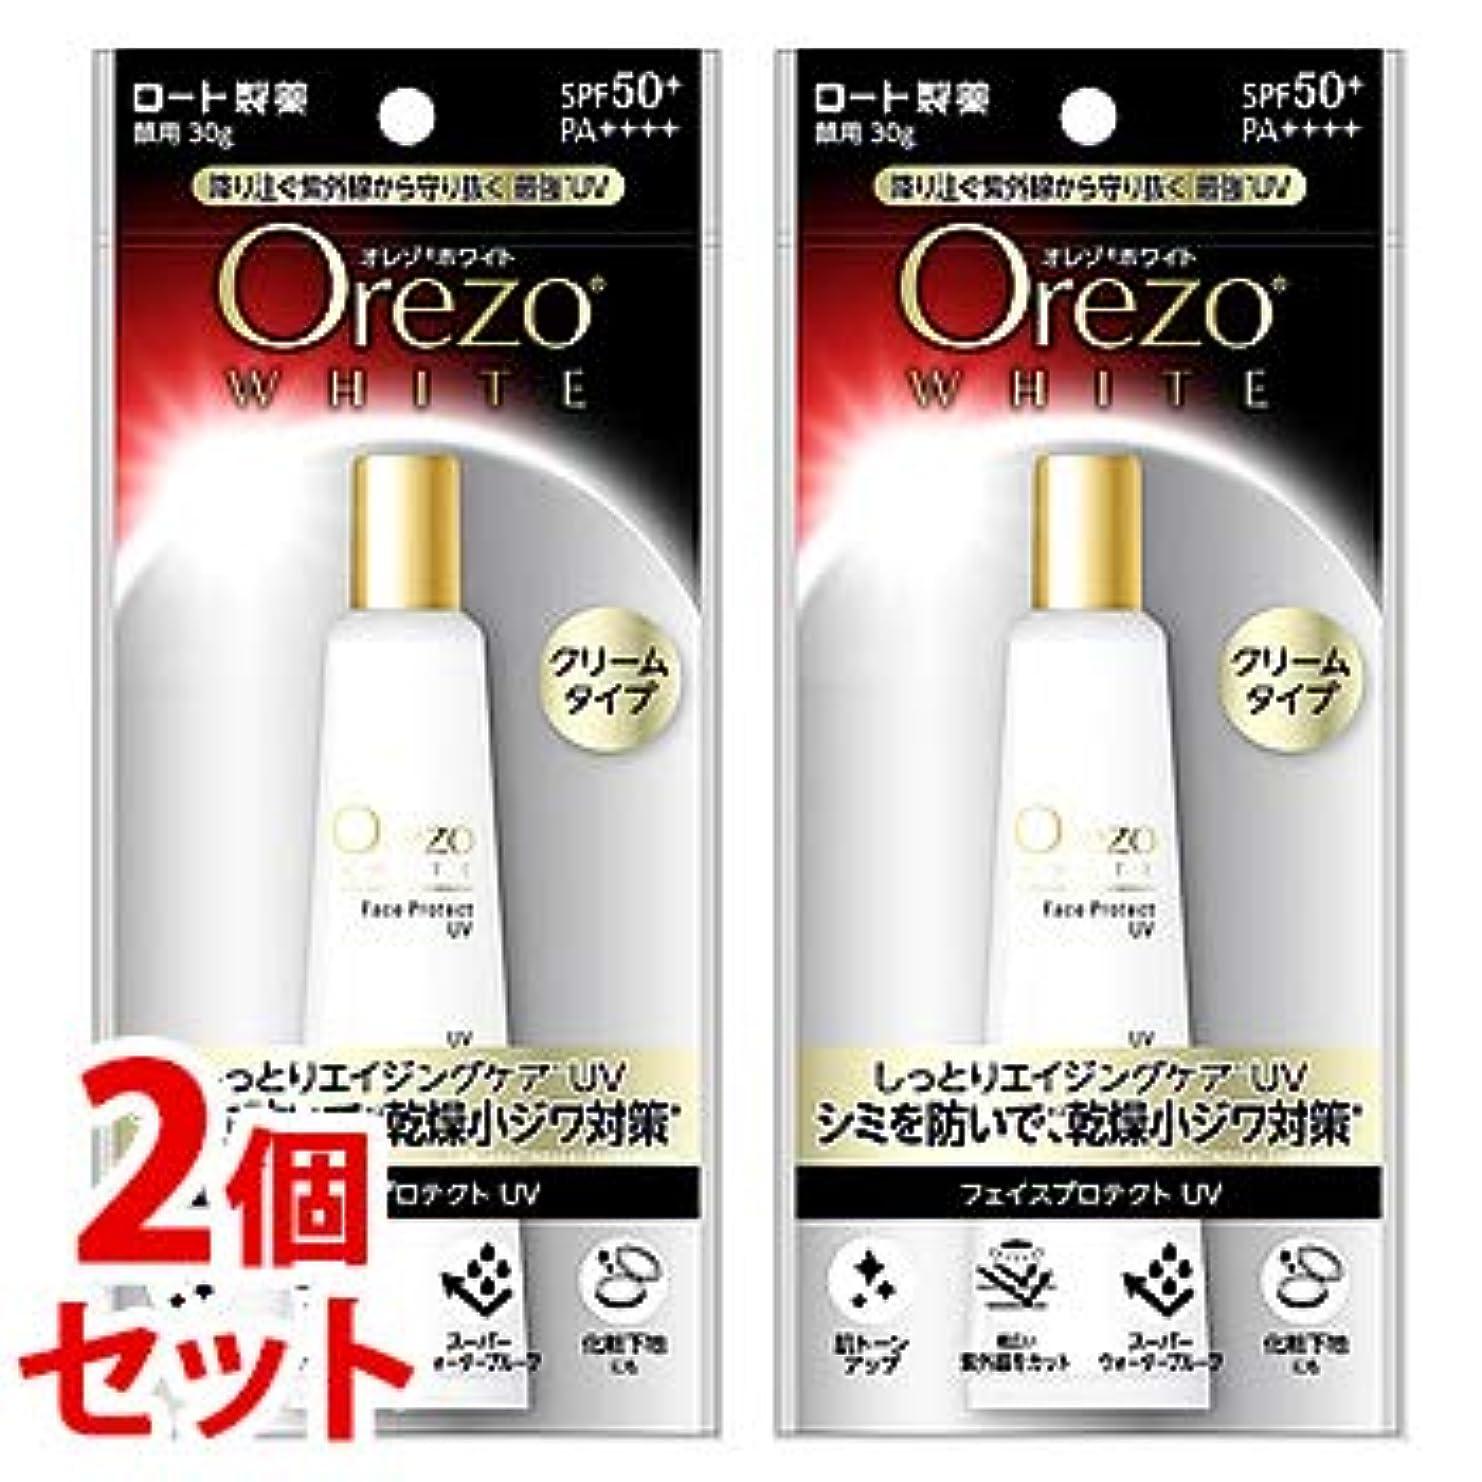 忘れられない留まる結び目《セット販売》 ロート製薬 Orezo オレゾ ホワイト フェイスプロテクトUV SPF50+ PA++++ (30g)×2個セット 顔用 日やけ止め 化粧下地 クリームタイプ